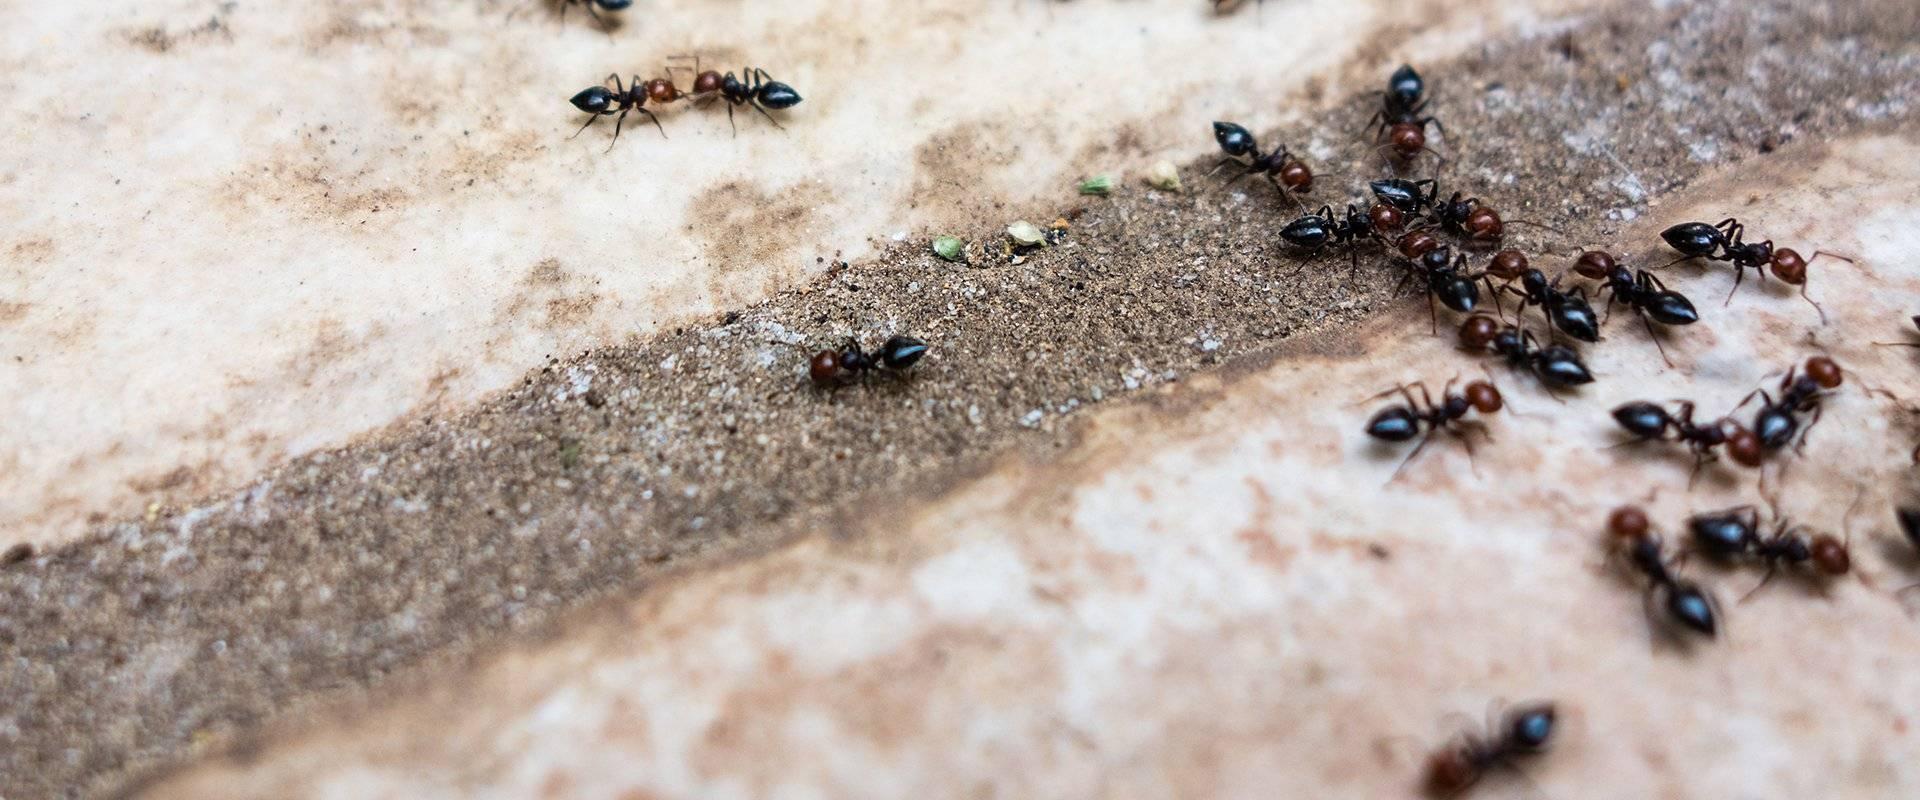 ants outside on a walk way